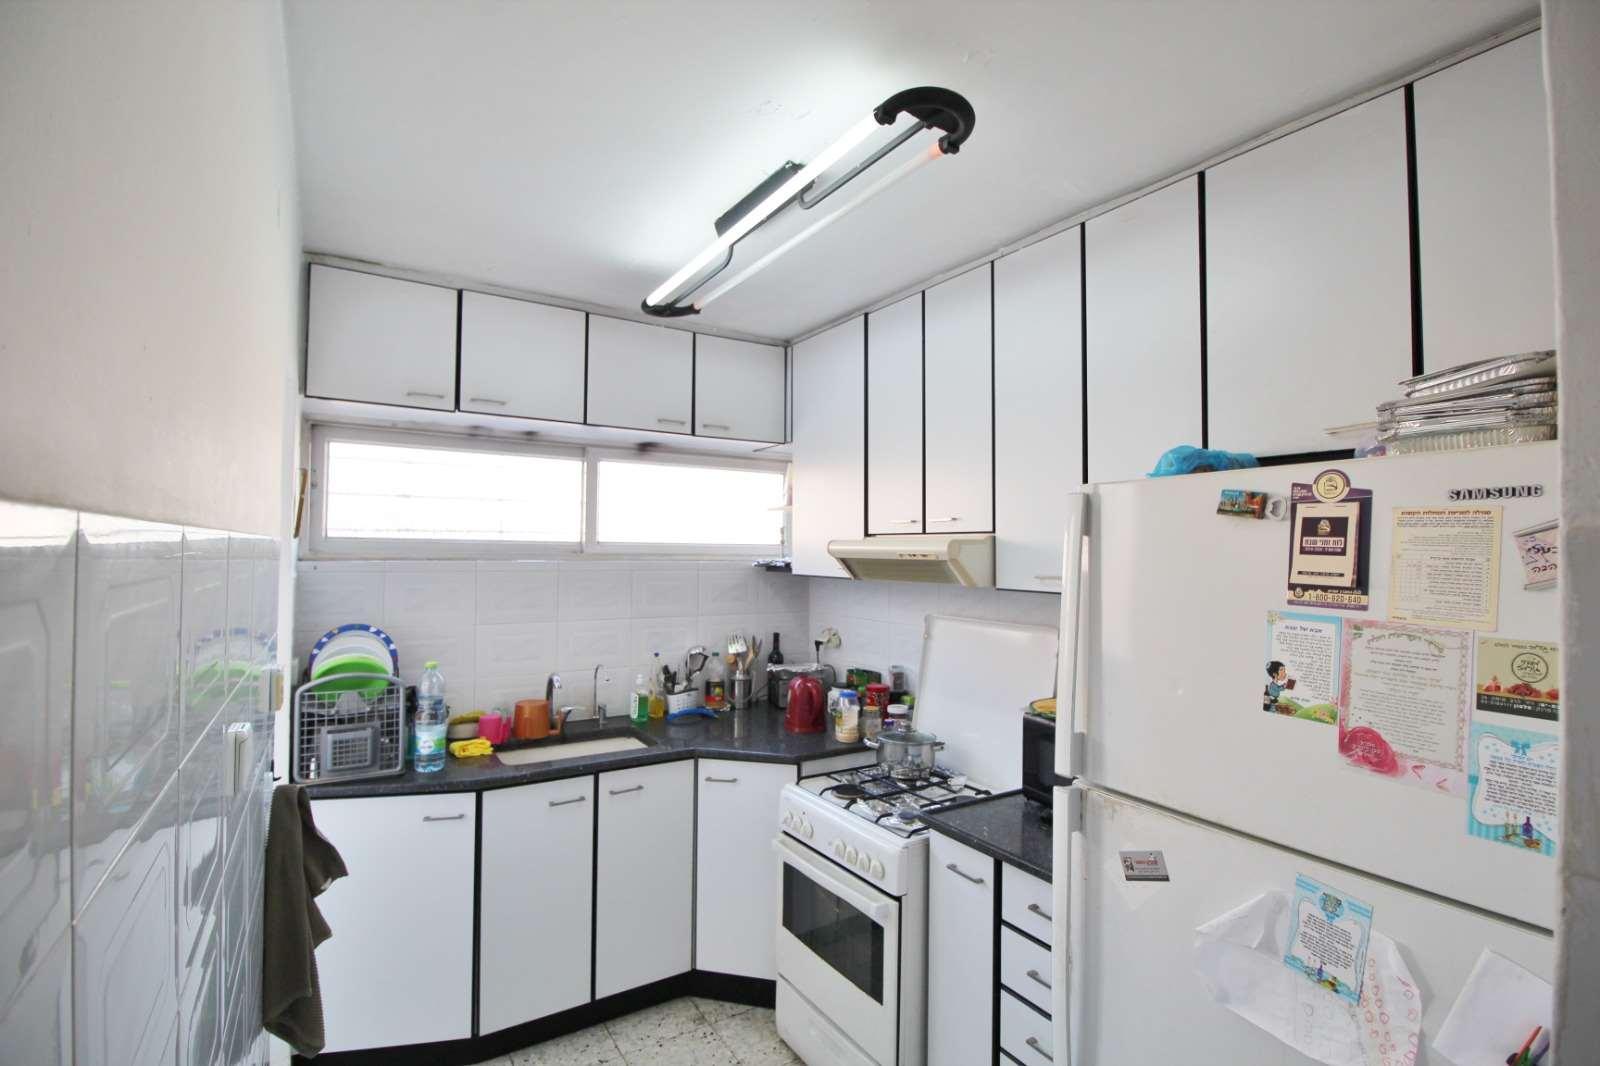 דירה למכירה 3 חדרים בבת ים התחייה רמת יוסף